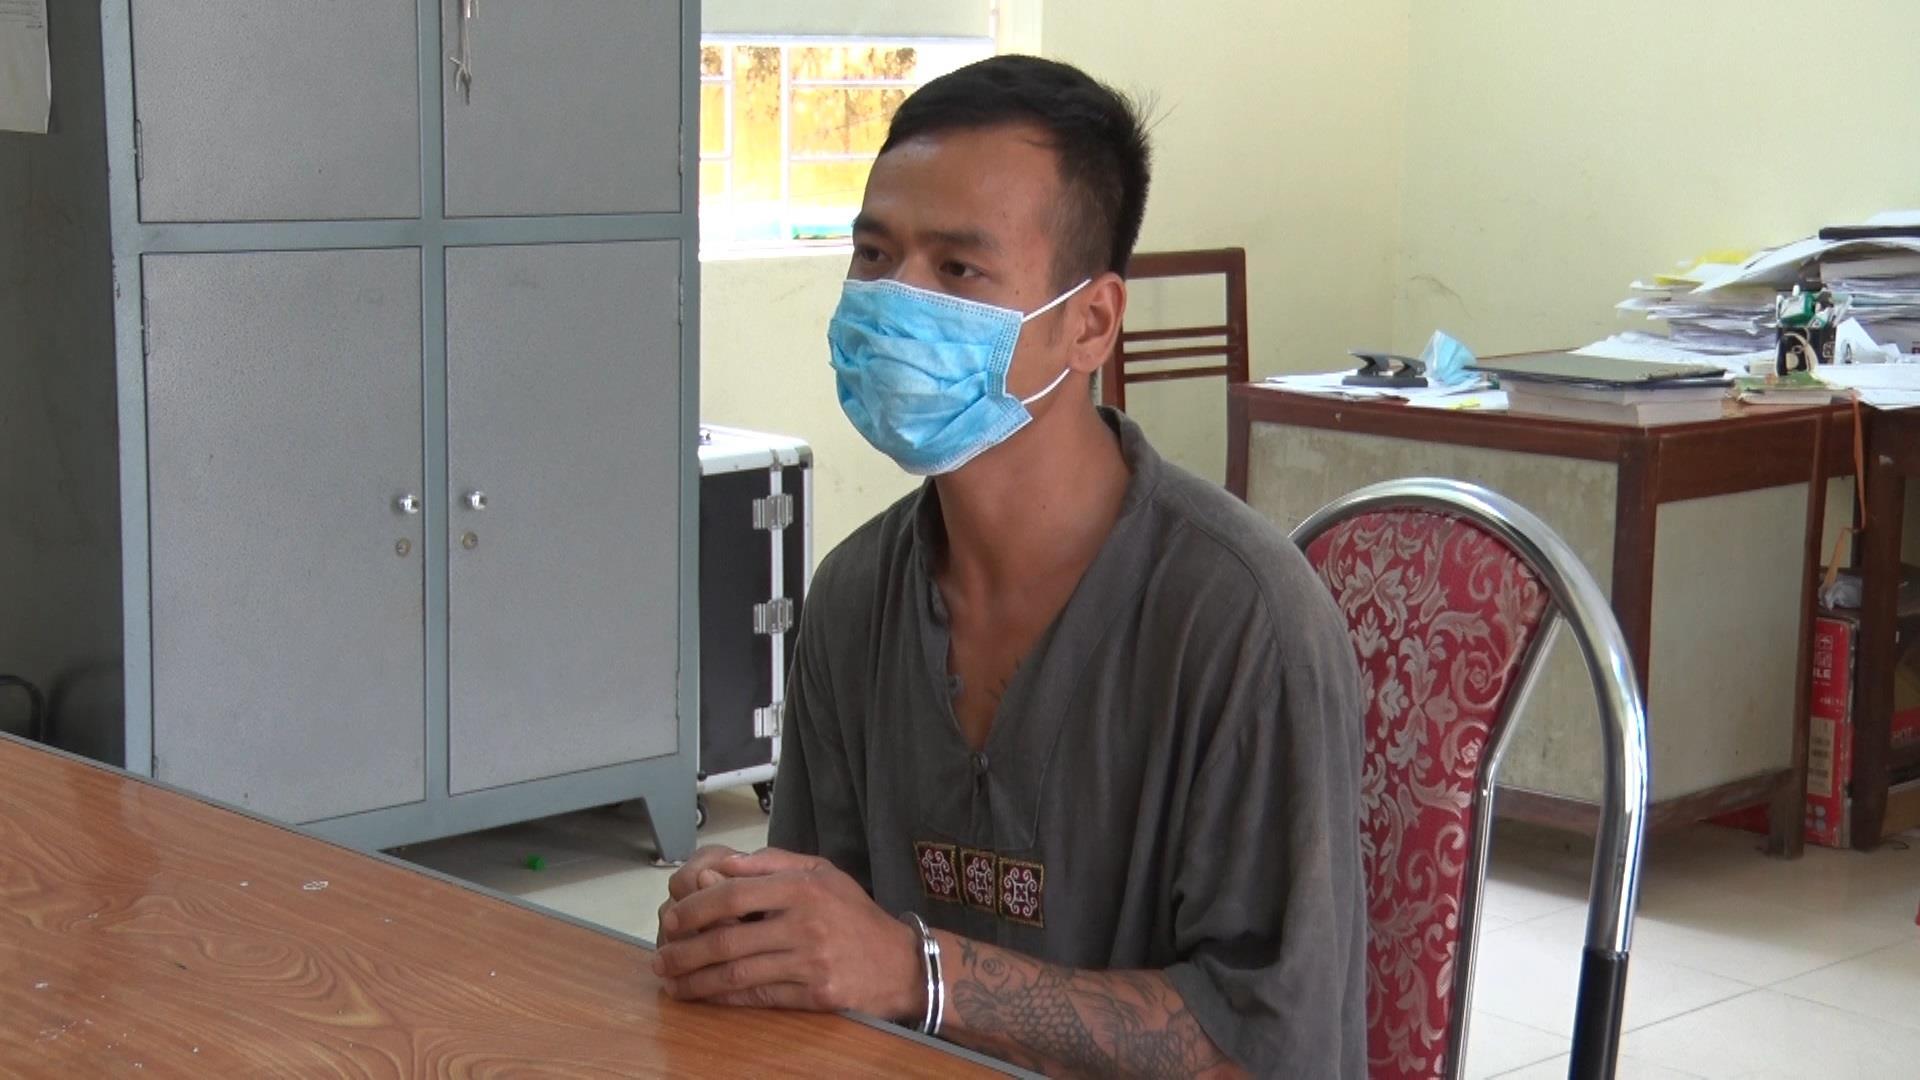 Hà Quảng: Công an huyện bắt khẩn cấp đối tượng trộm cắp tài sản